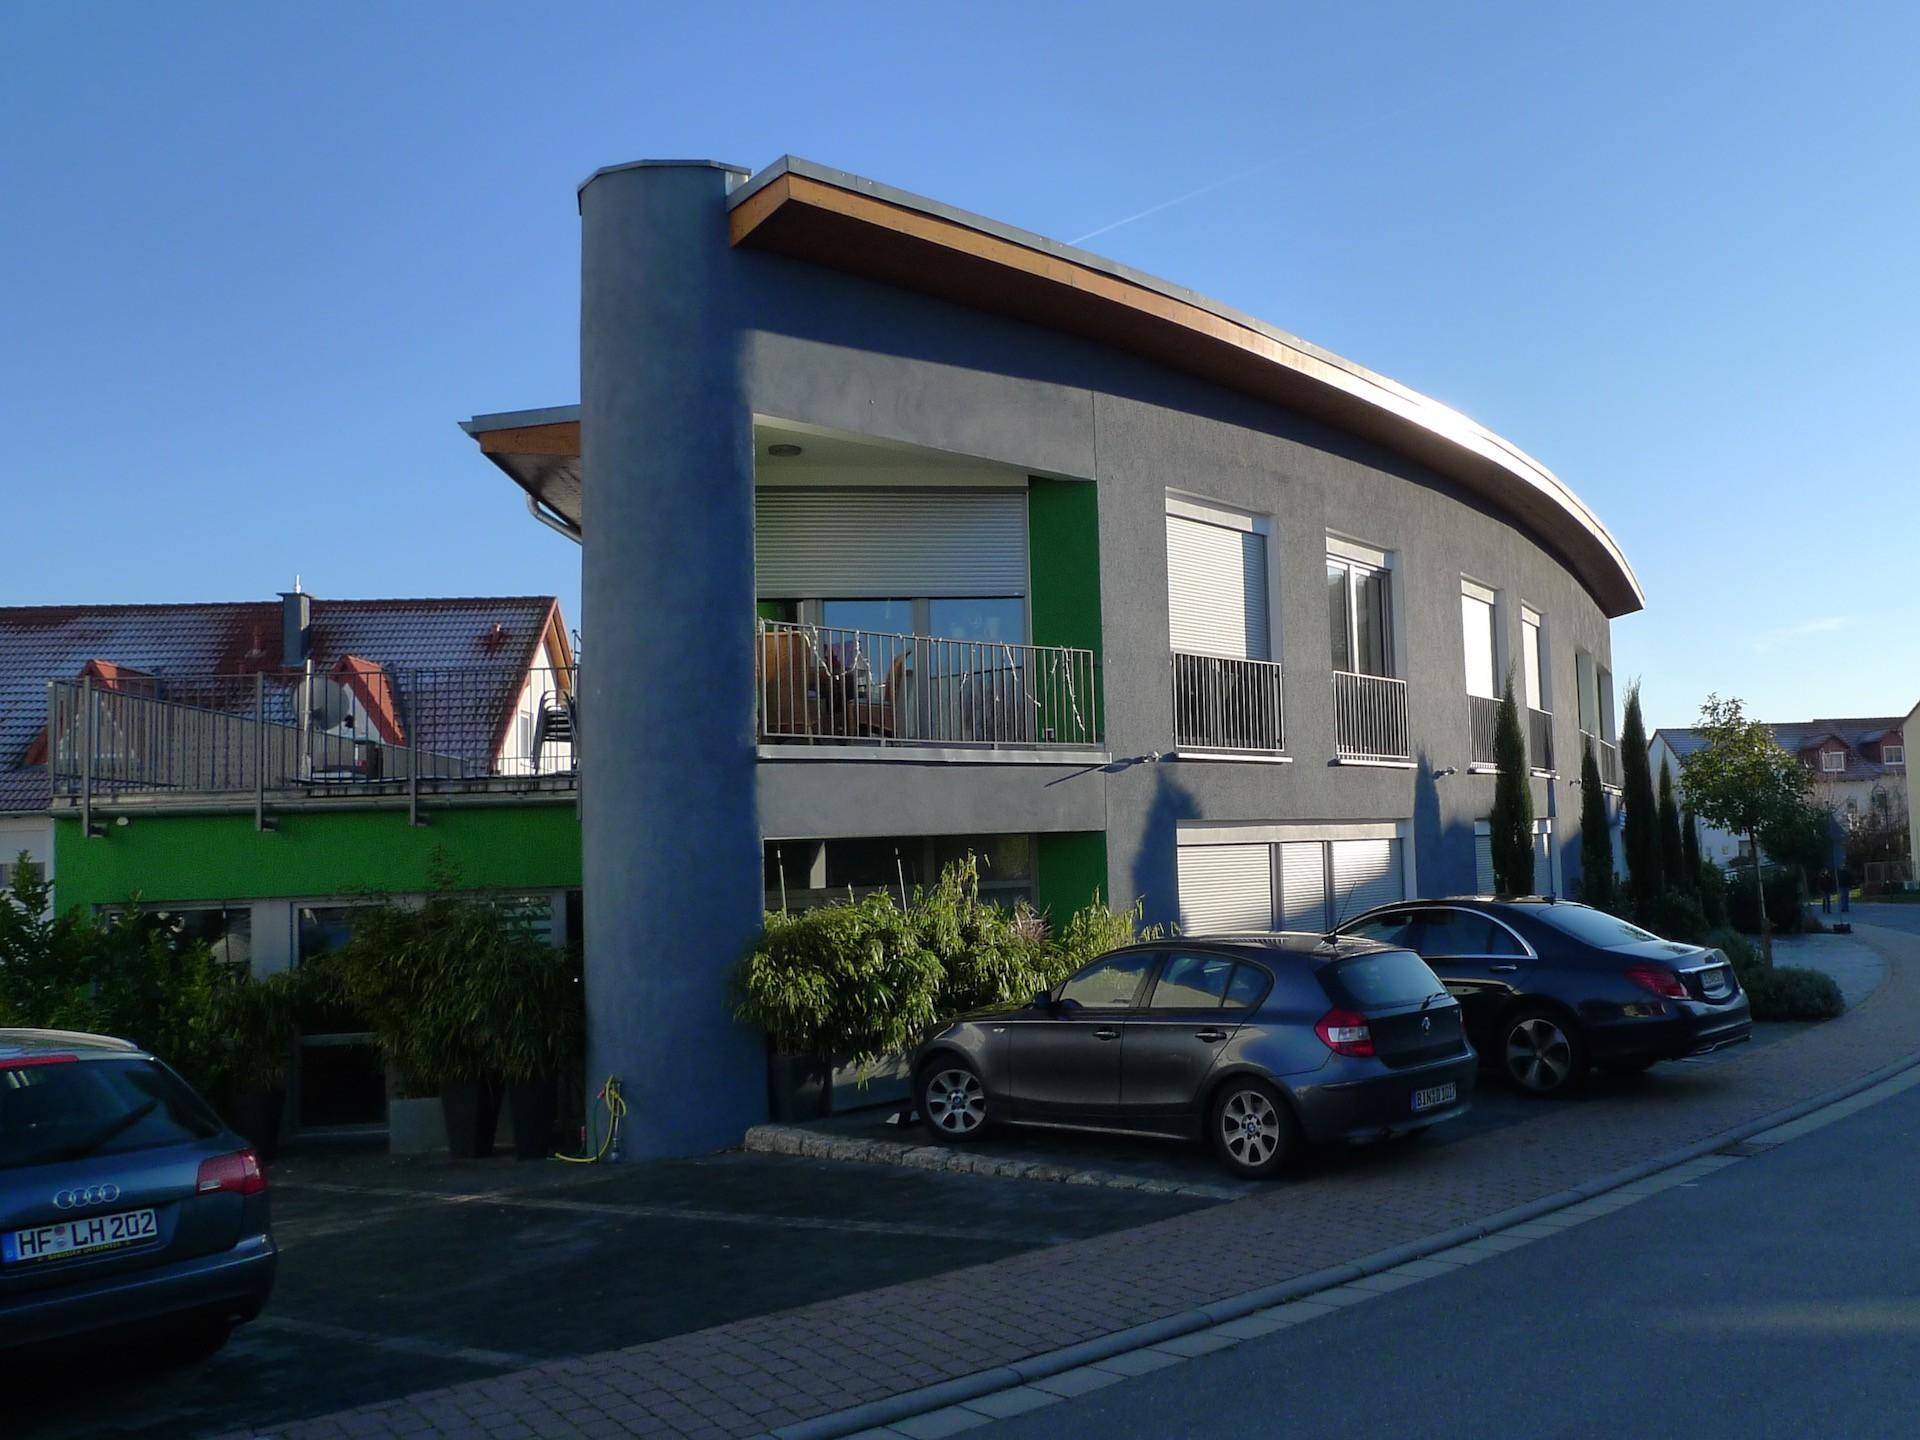 Wohn- und Geschäftshaus in Nierstein